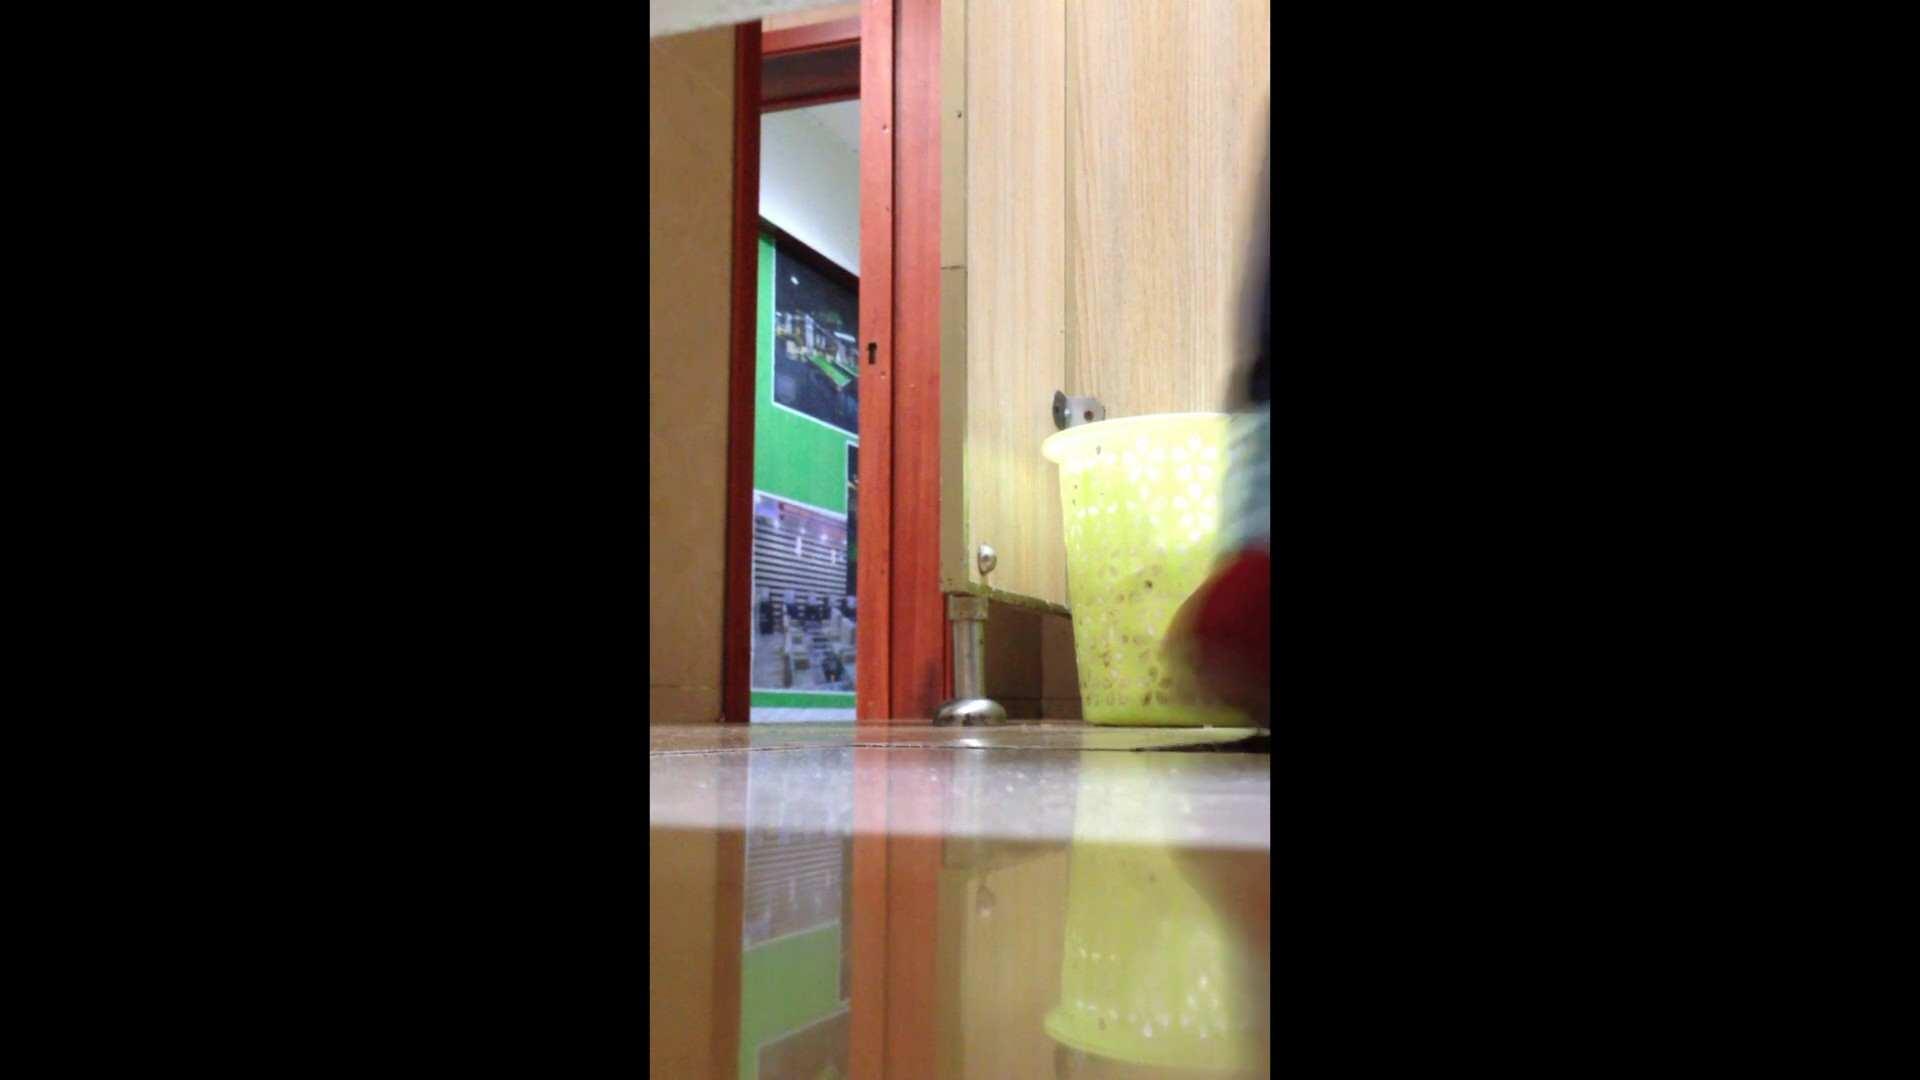 芸術大学ガチ潜入盗撮 JD盗撮 美女の洗面所の秘密 Vol.87 美女 SEX無修正画像 61pic 59